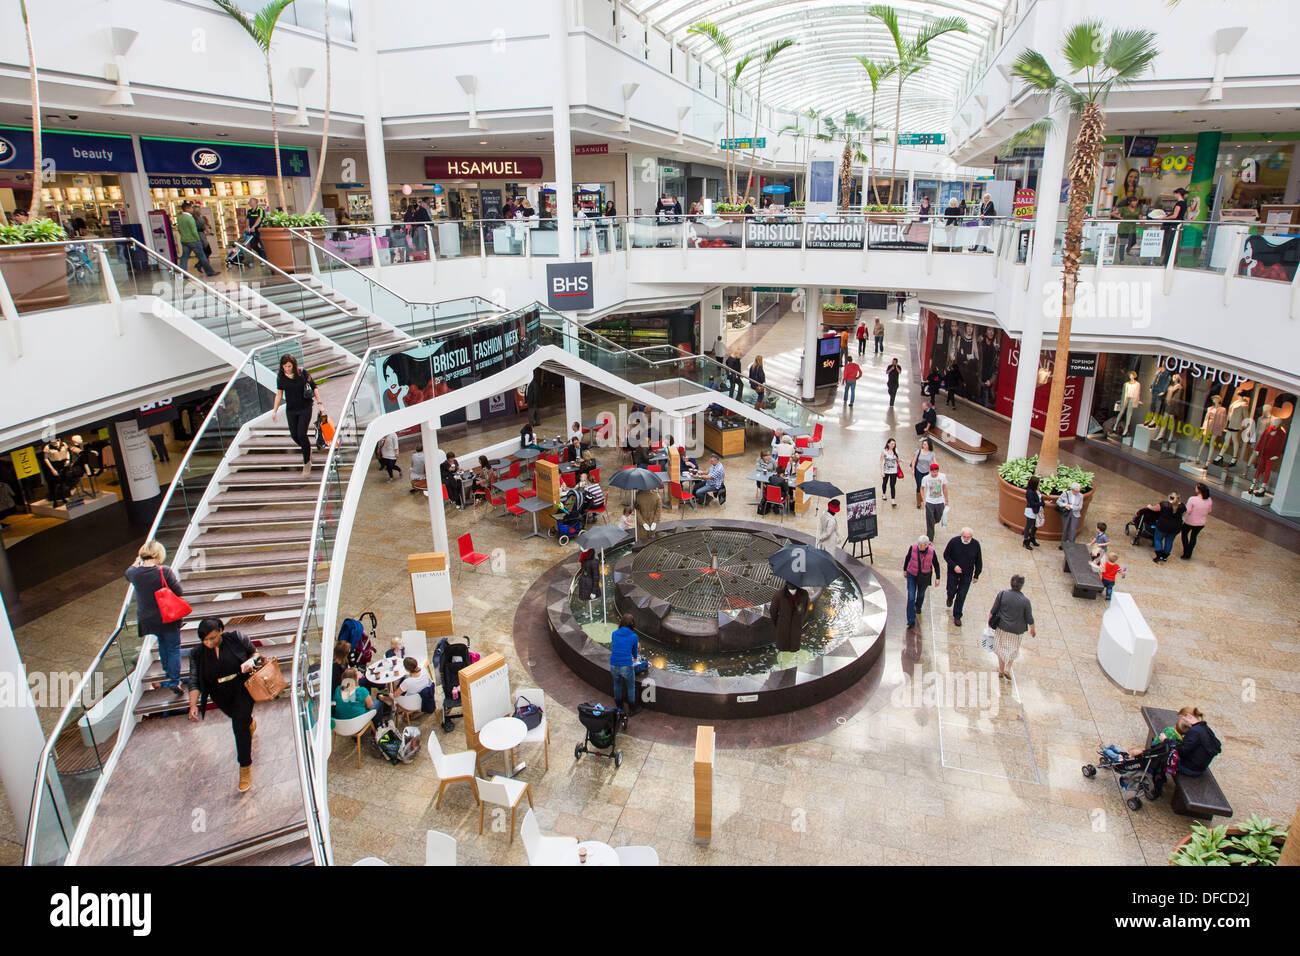 Bristol shopping mall in Regno Unito Inghilterra , Cribbs Causeway leisure retail centro commerciale chiamato The Mall. sud ovest Gloucestershire Immagini Stock